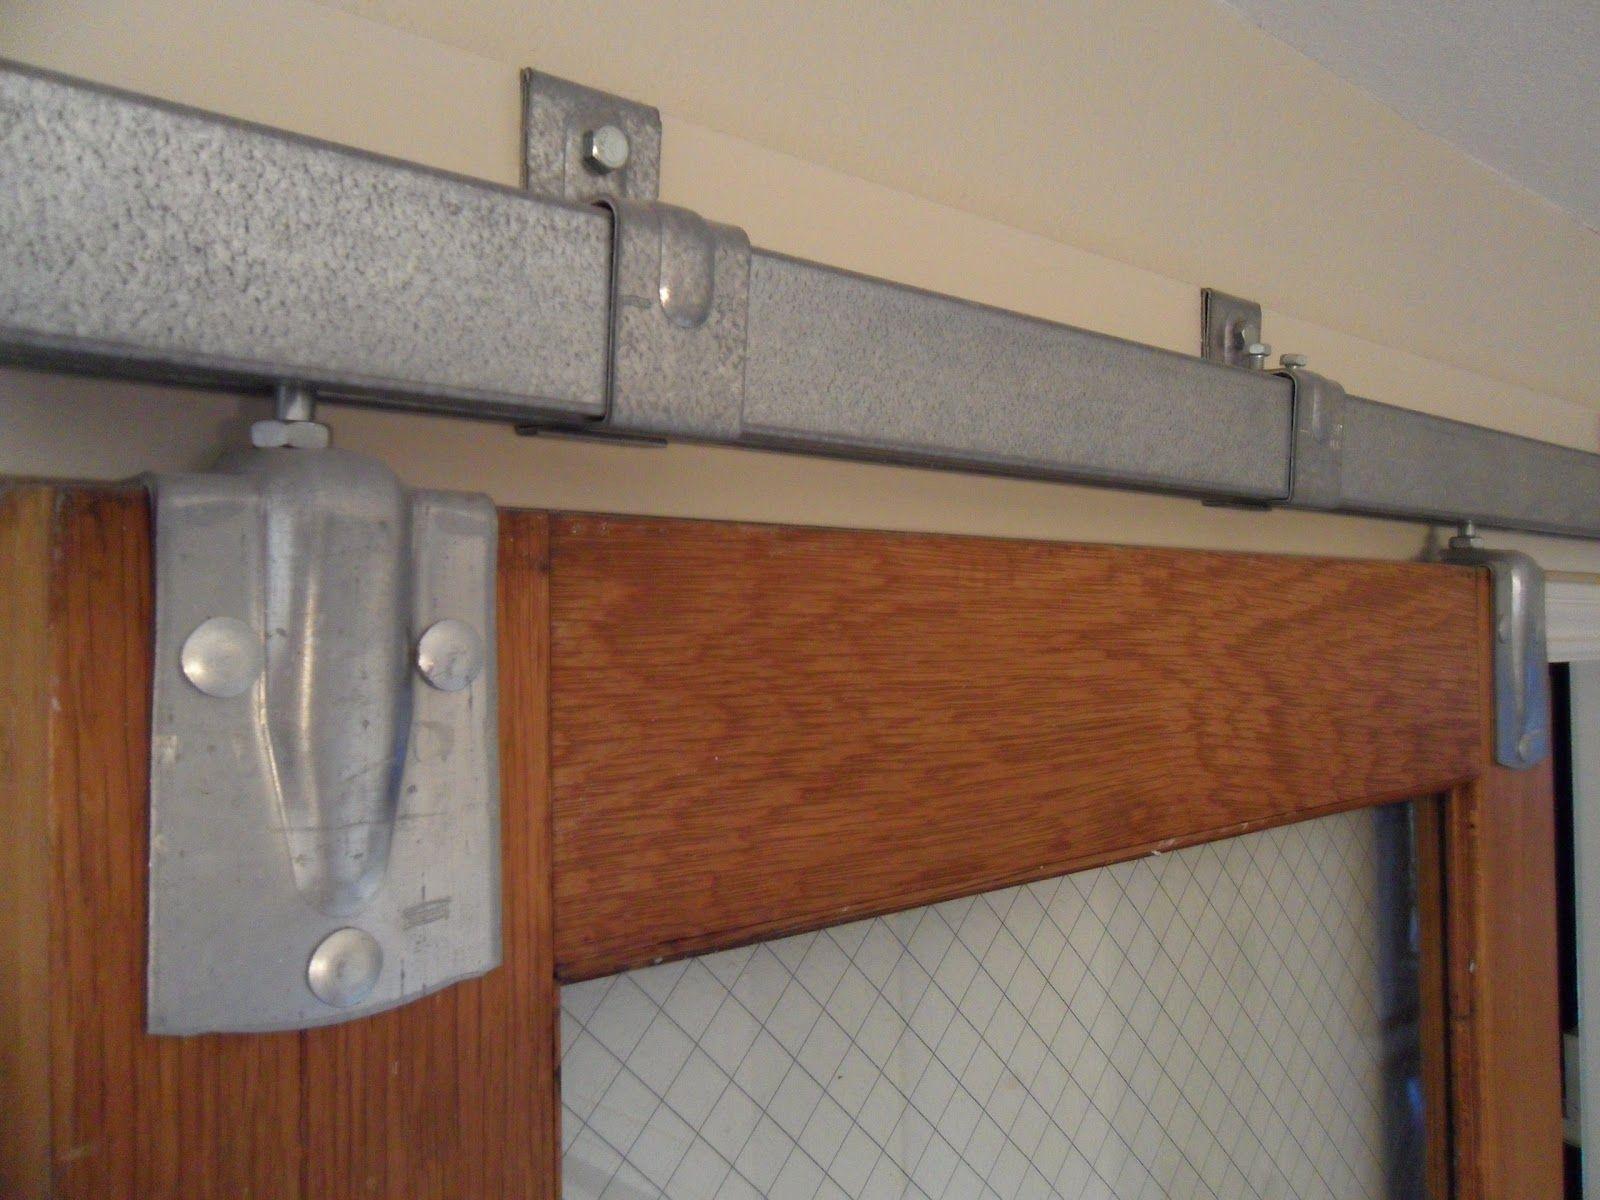 3310 1 Barn Door Track System Shed Doors Pinterest Barn Door